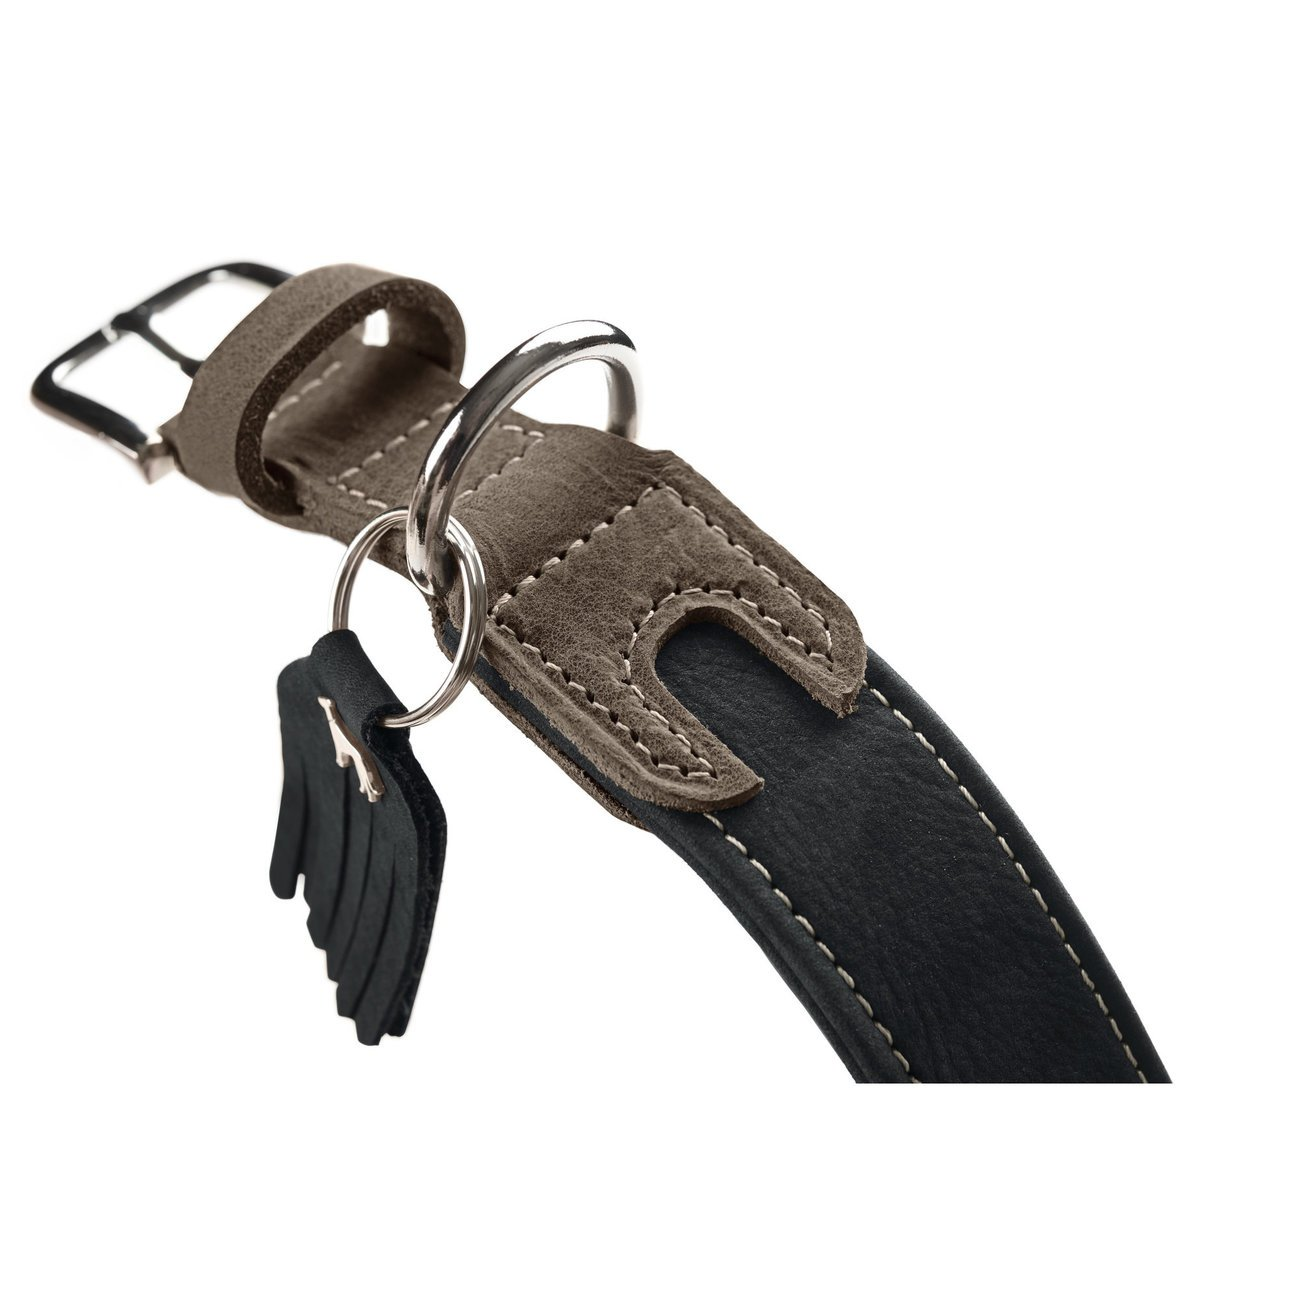 Hunter Halsband Hunting Special 68529, Bild 11